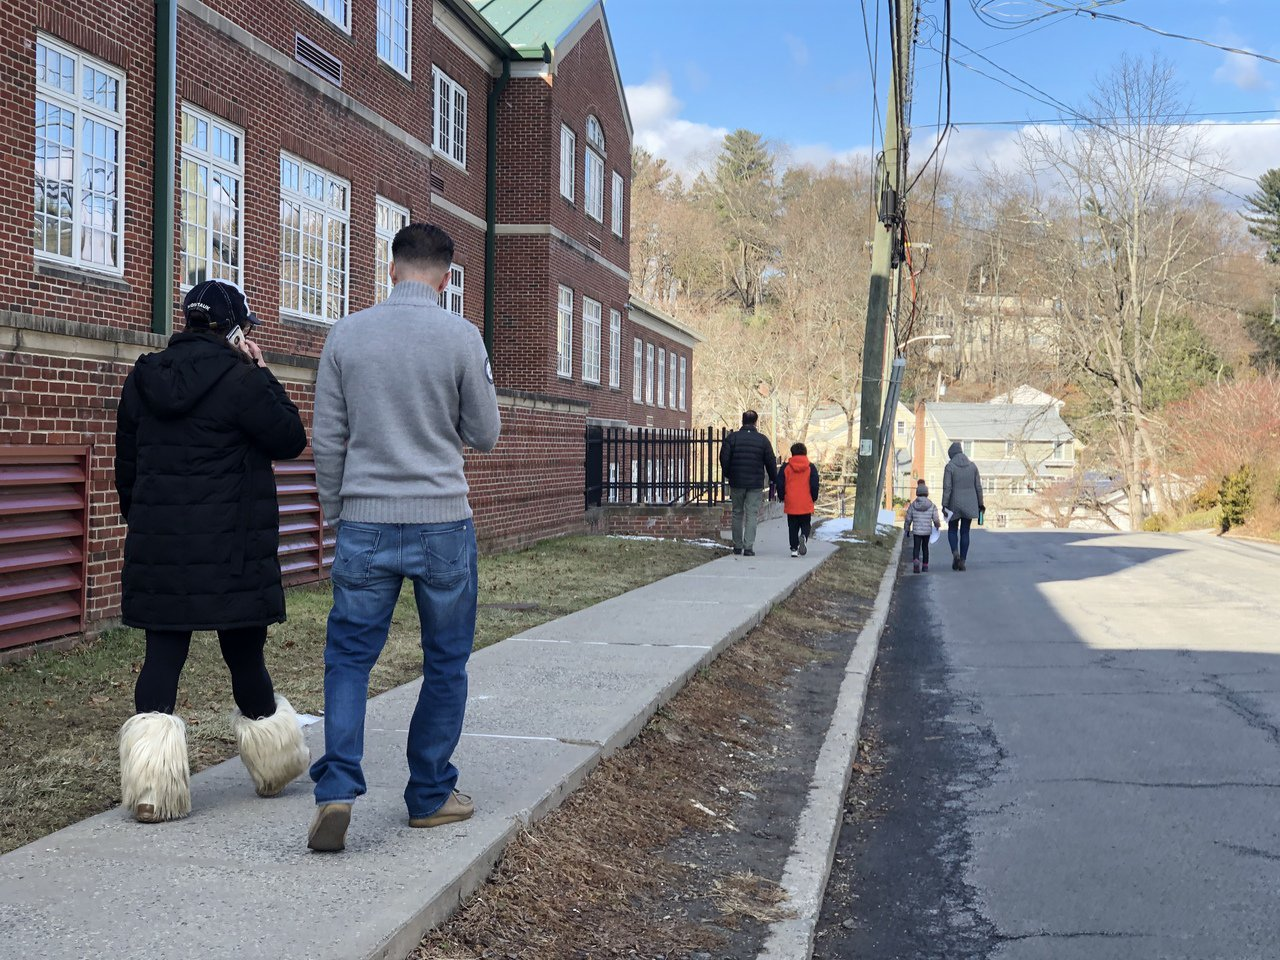 有家长带著孩子向小镇的拜福路小学(Bedford Road School)走去,...